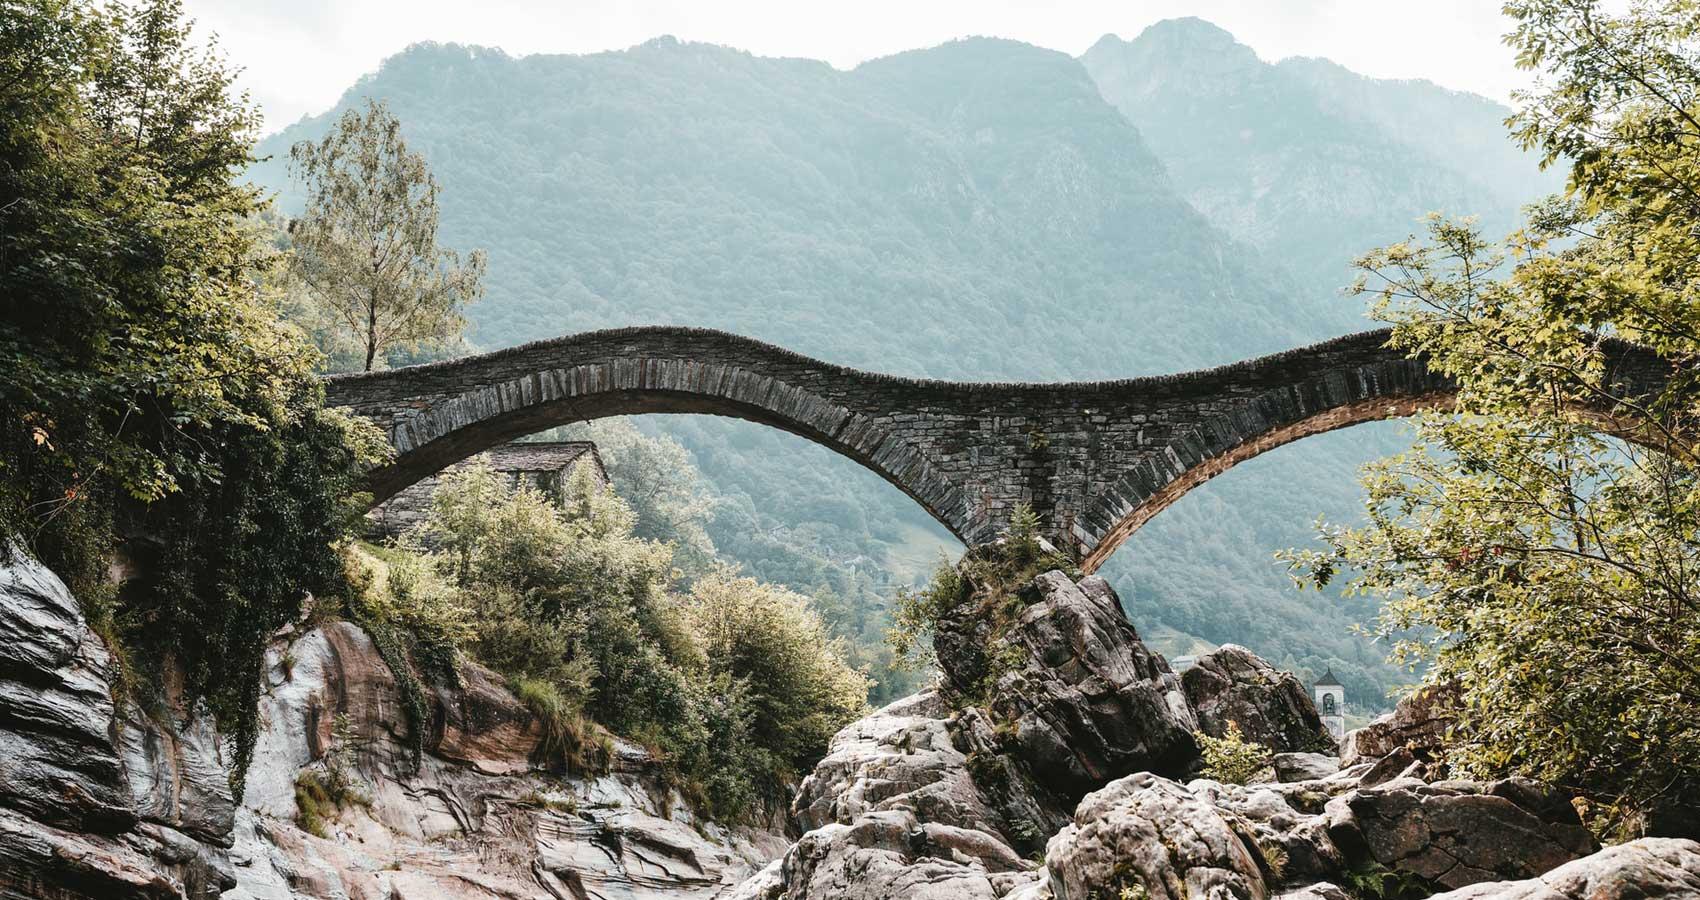 Bridgemaker, a poem by Tasos Kyrtasoglou at Spillwords.com